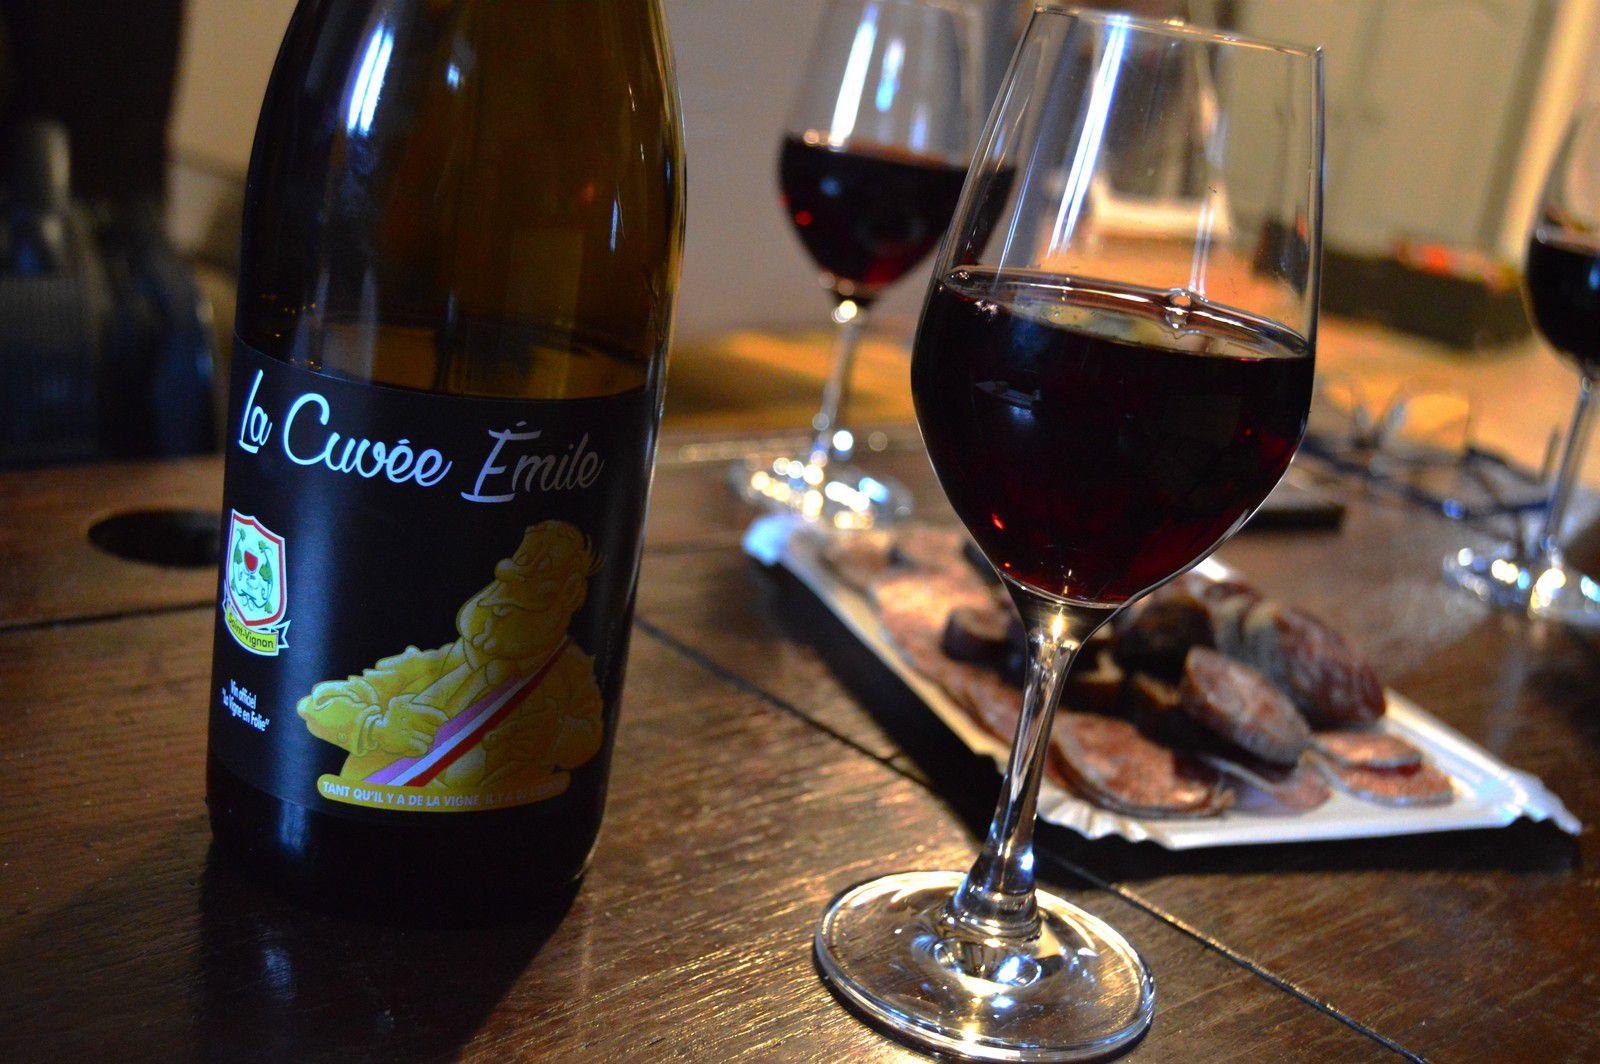 La rencontre s'est faite autour d'un bon vin... de Saint-Vignan.